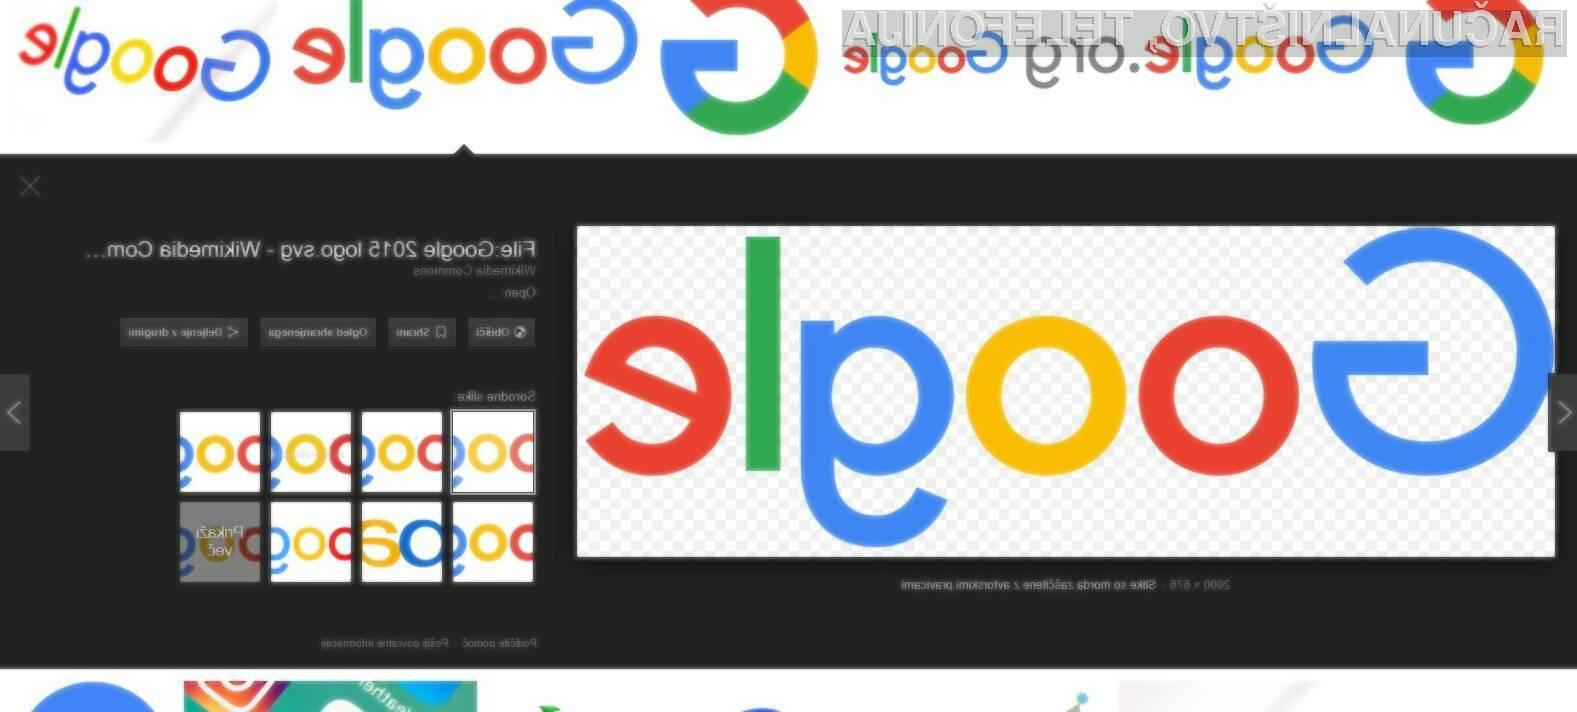 Zaradi pritožbe, Google ostal brez gumba za ogled slik